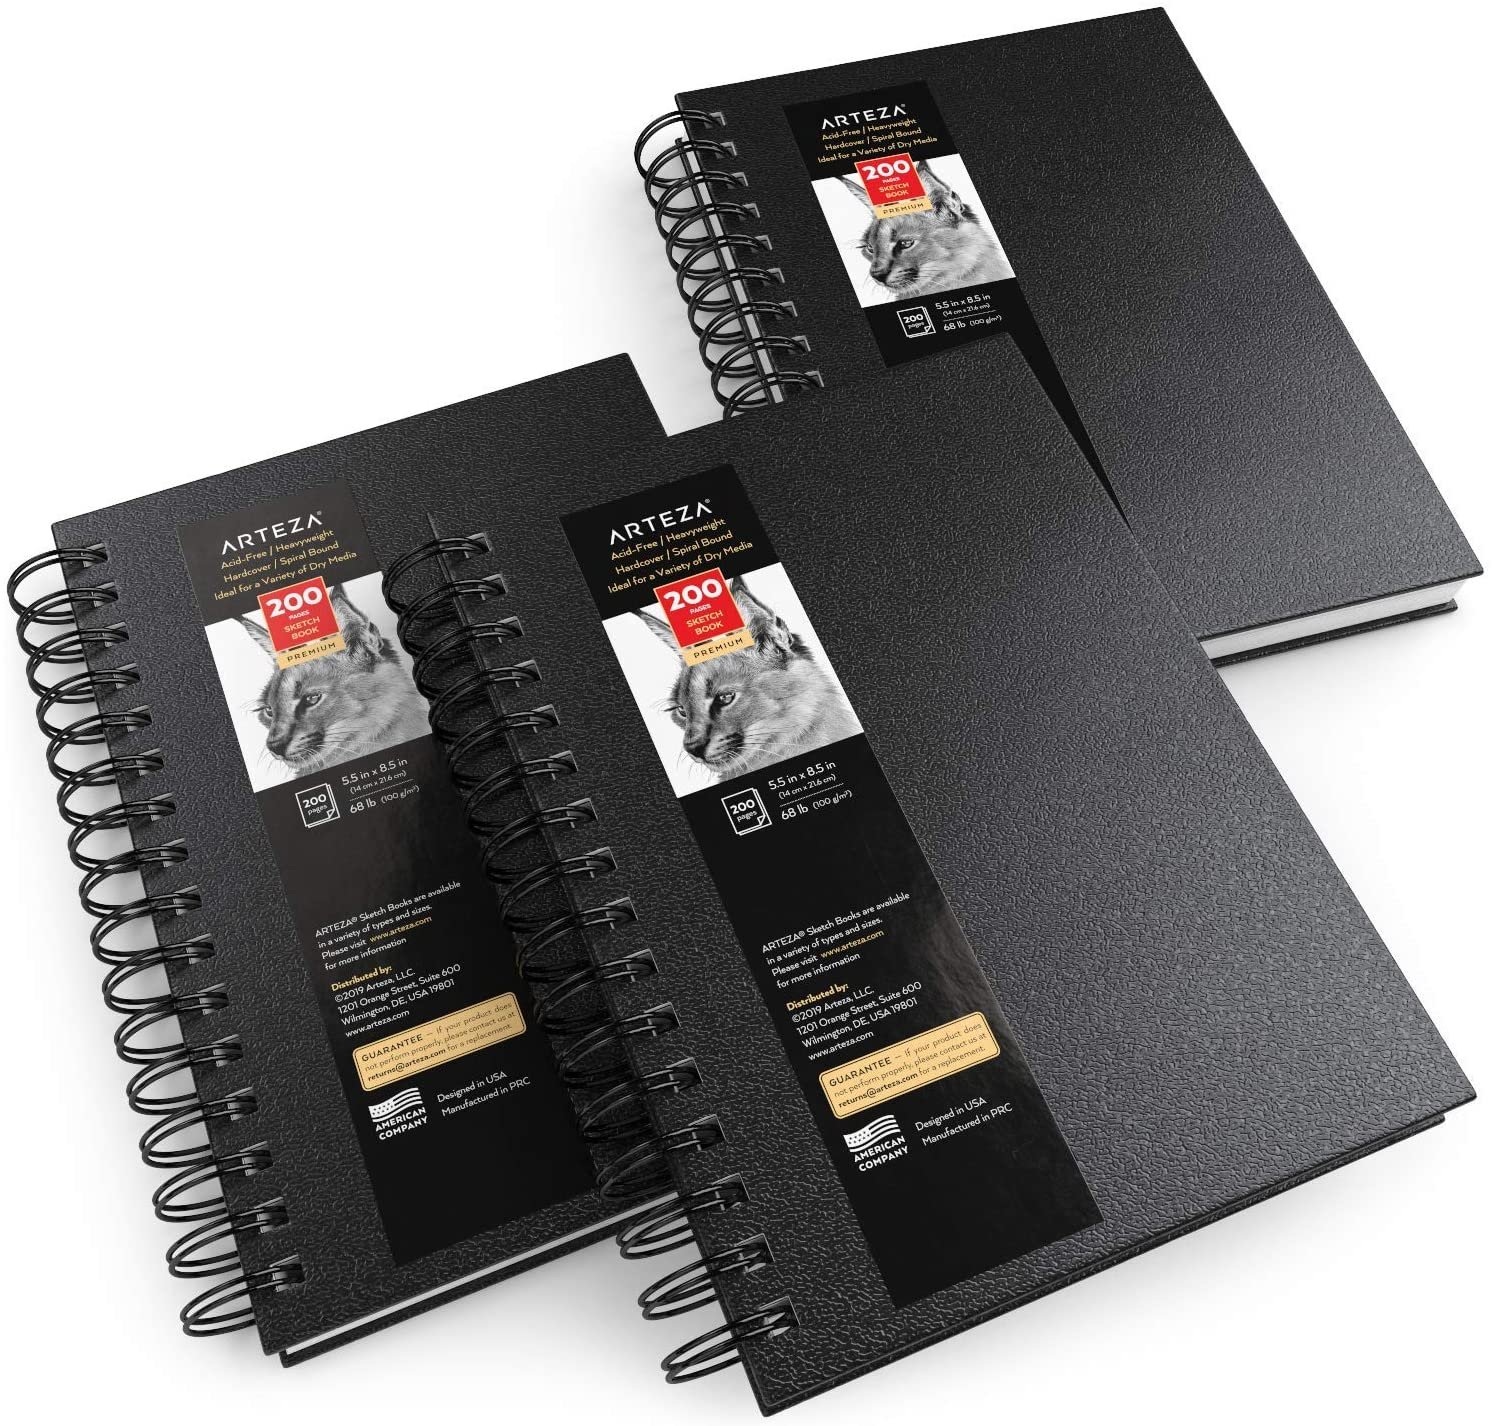 """Sketchbook, Spiral-Bound Hardcover, Black, 5.5 x 8.5"""" - Pack of 3"""